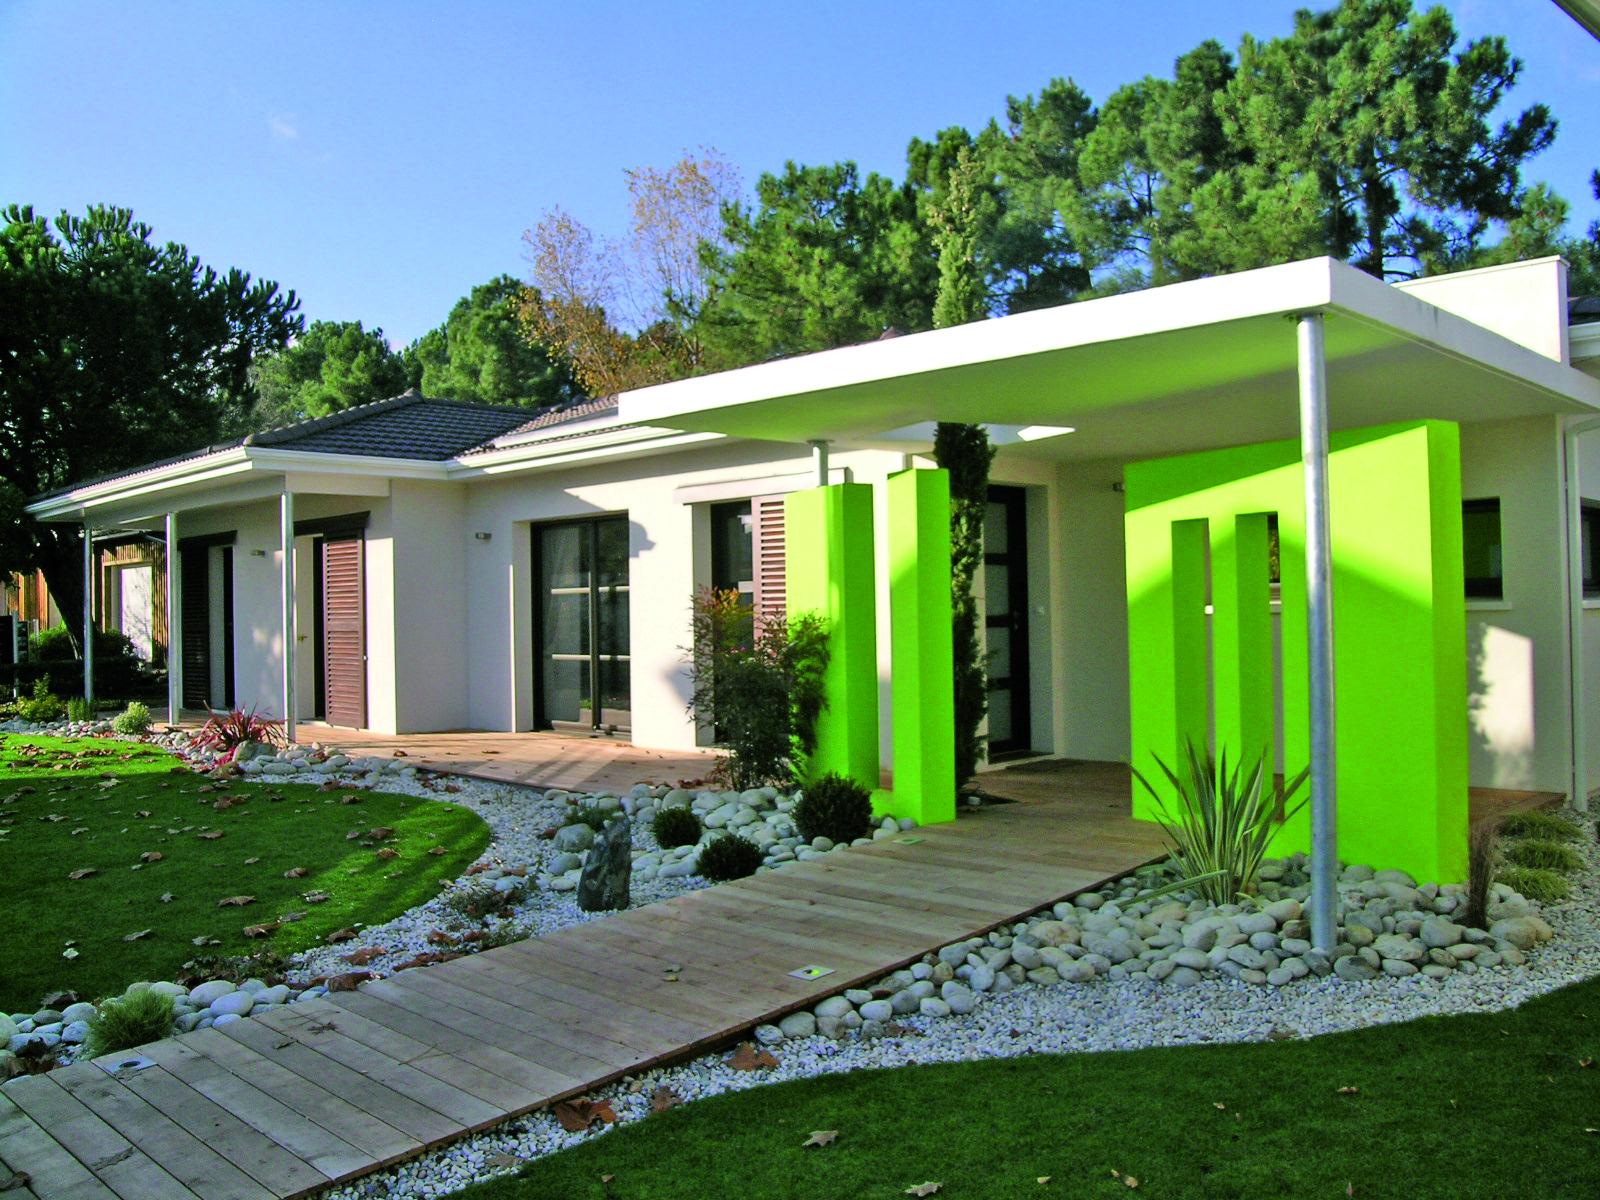 Igc construction constructeur maisons individuelles for Art et maison figeac